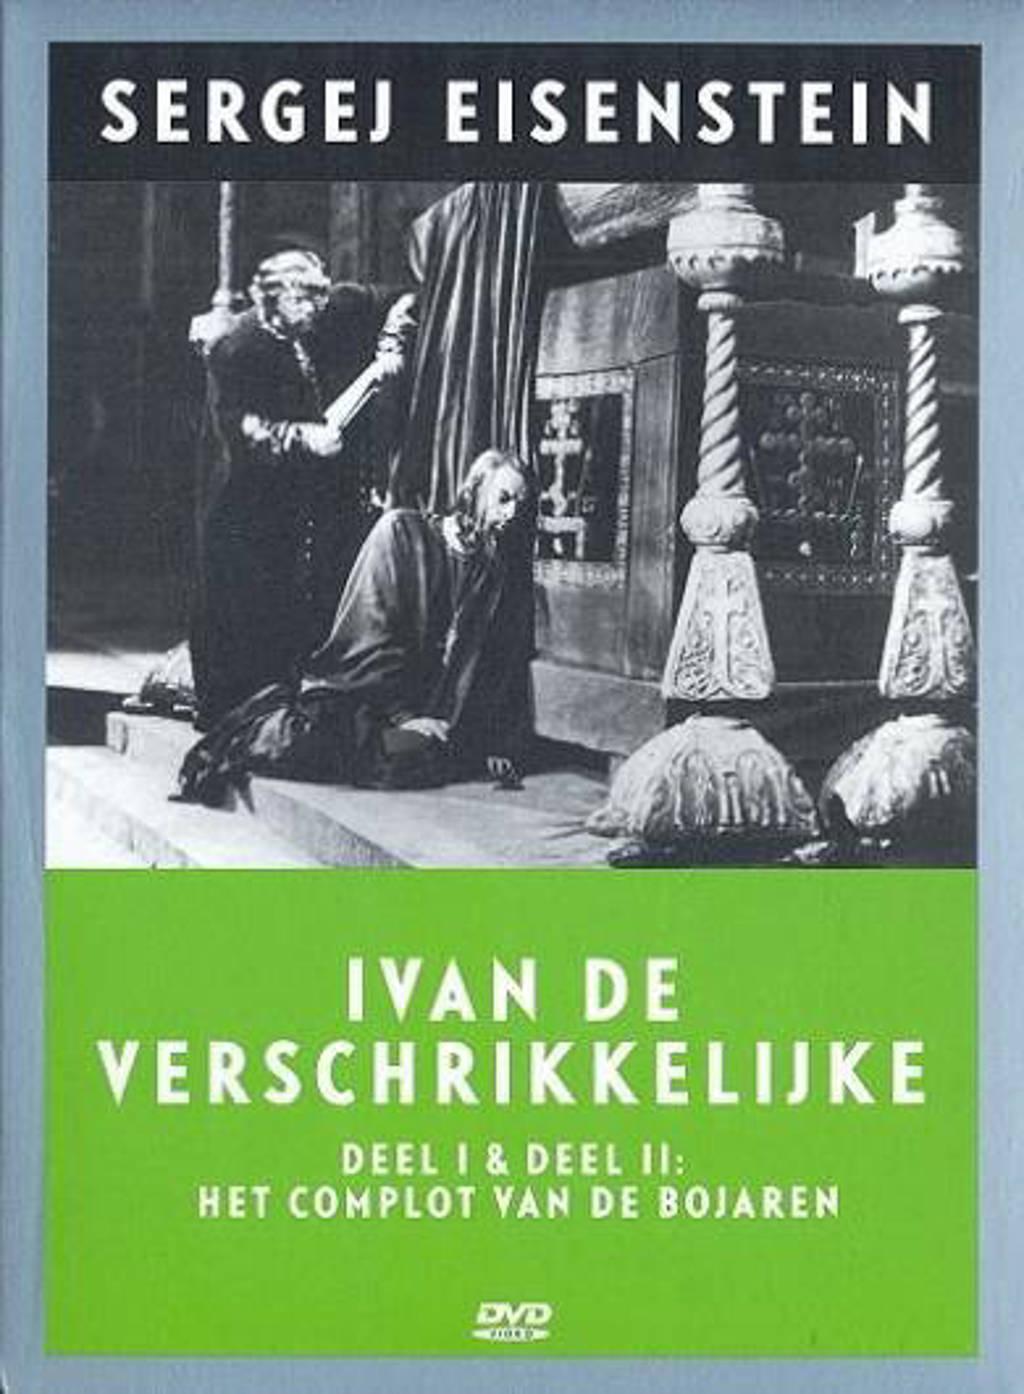 Ivan de verschrikkelijke 1 & 2 (DVD)